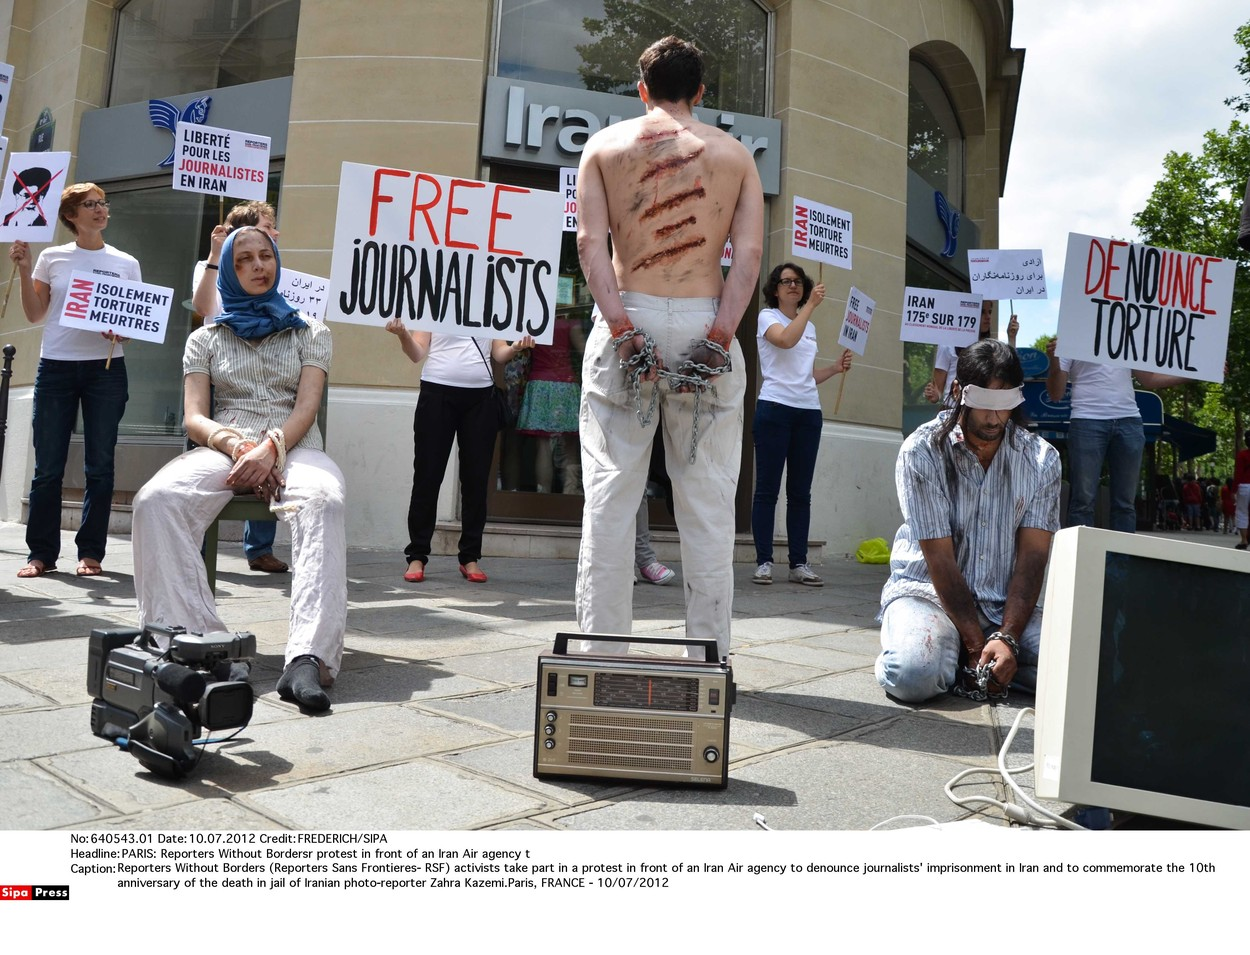 Aktivisti protestiraju u Iranu tražeći oslobađanje zatvorenih novinara